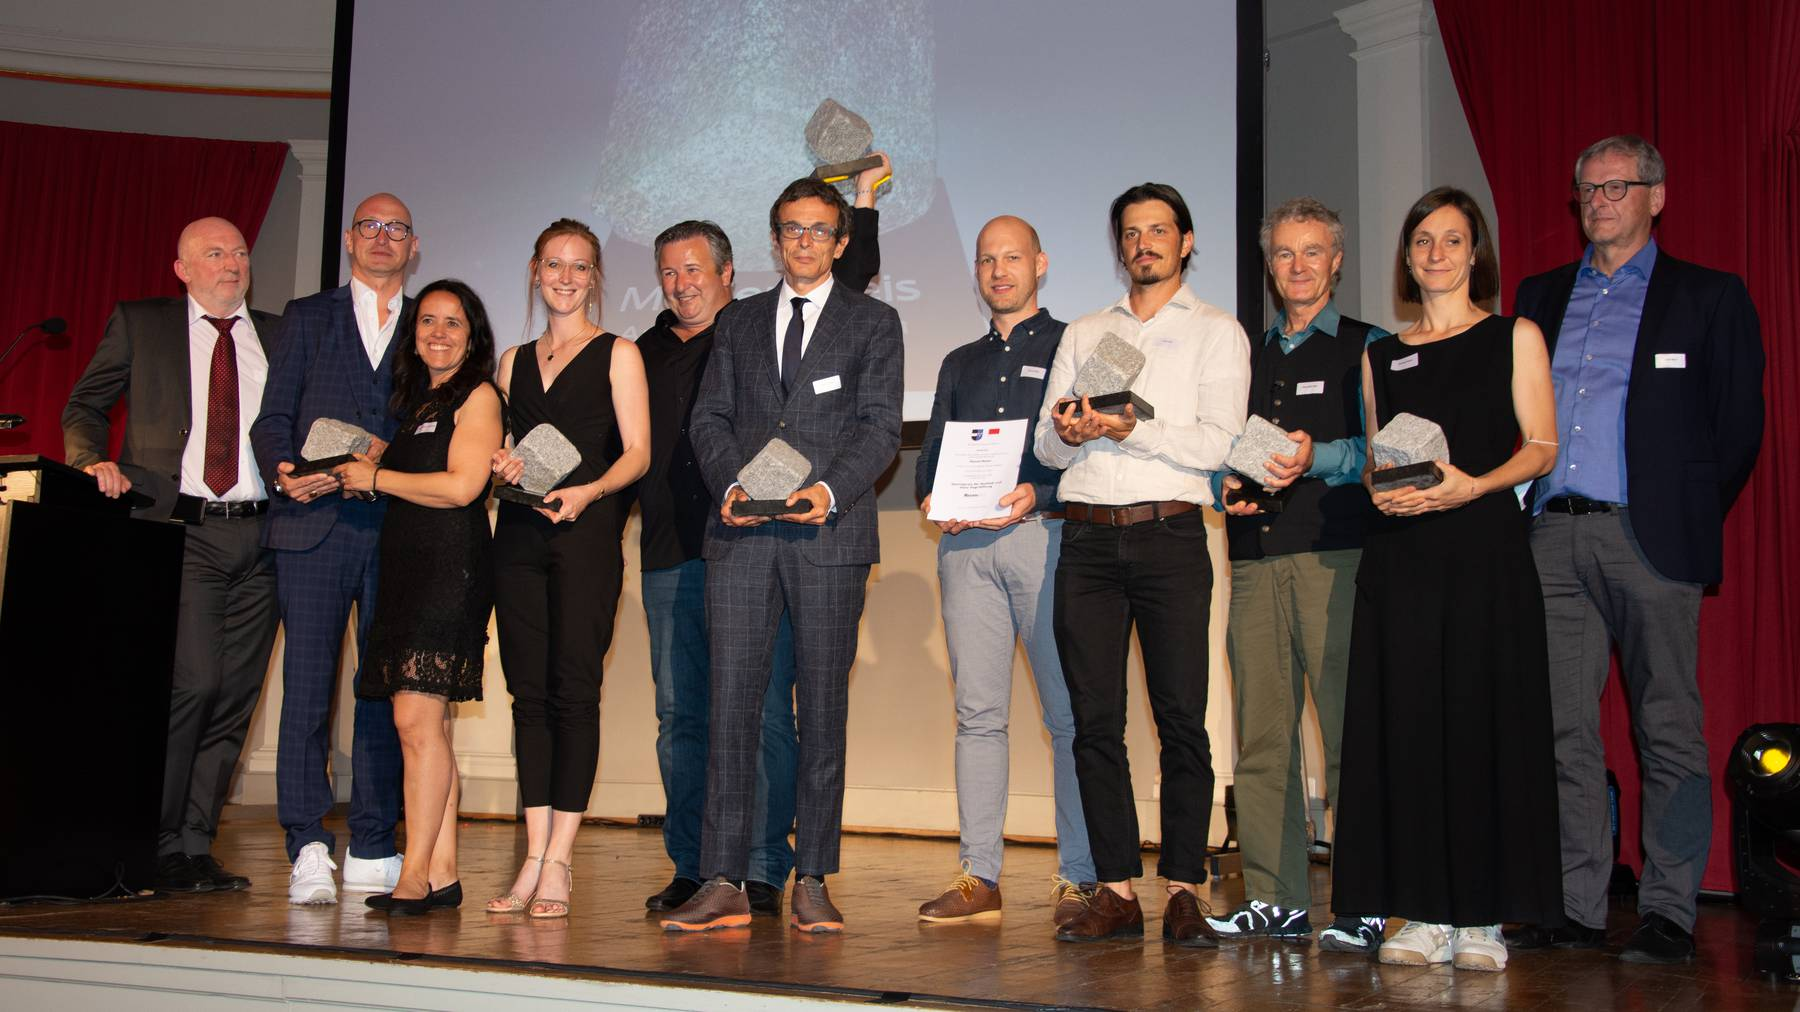 Medienpreis Aargau/Solothurn